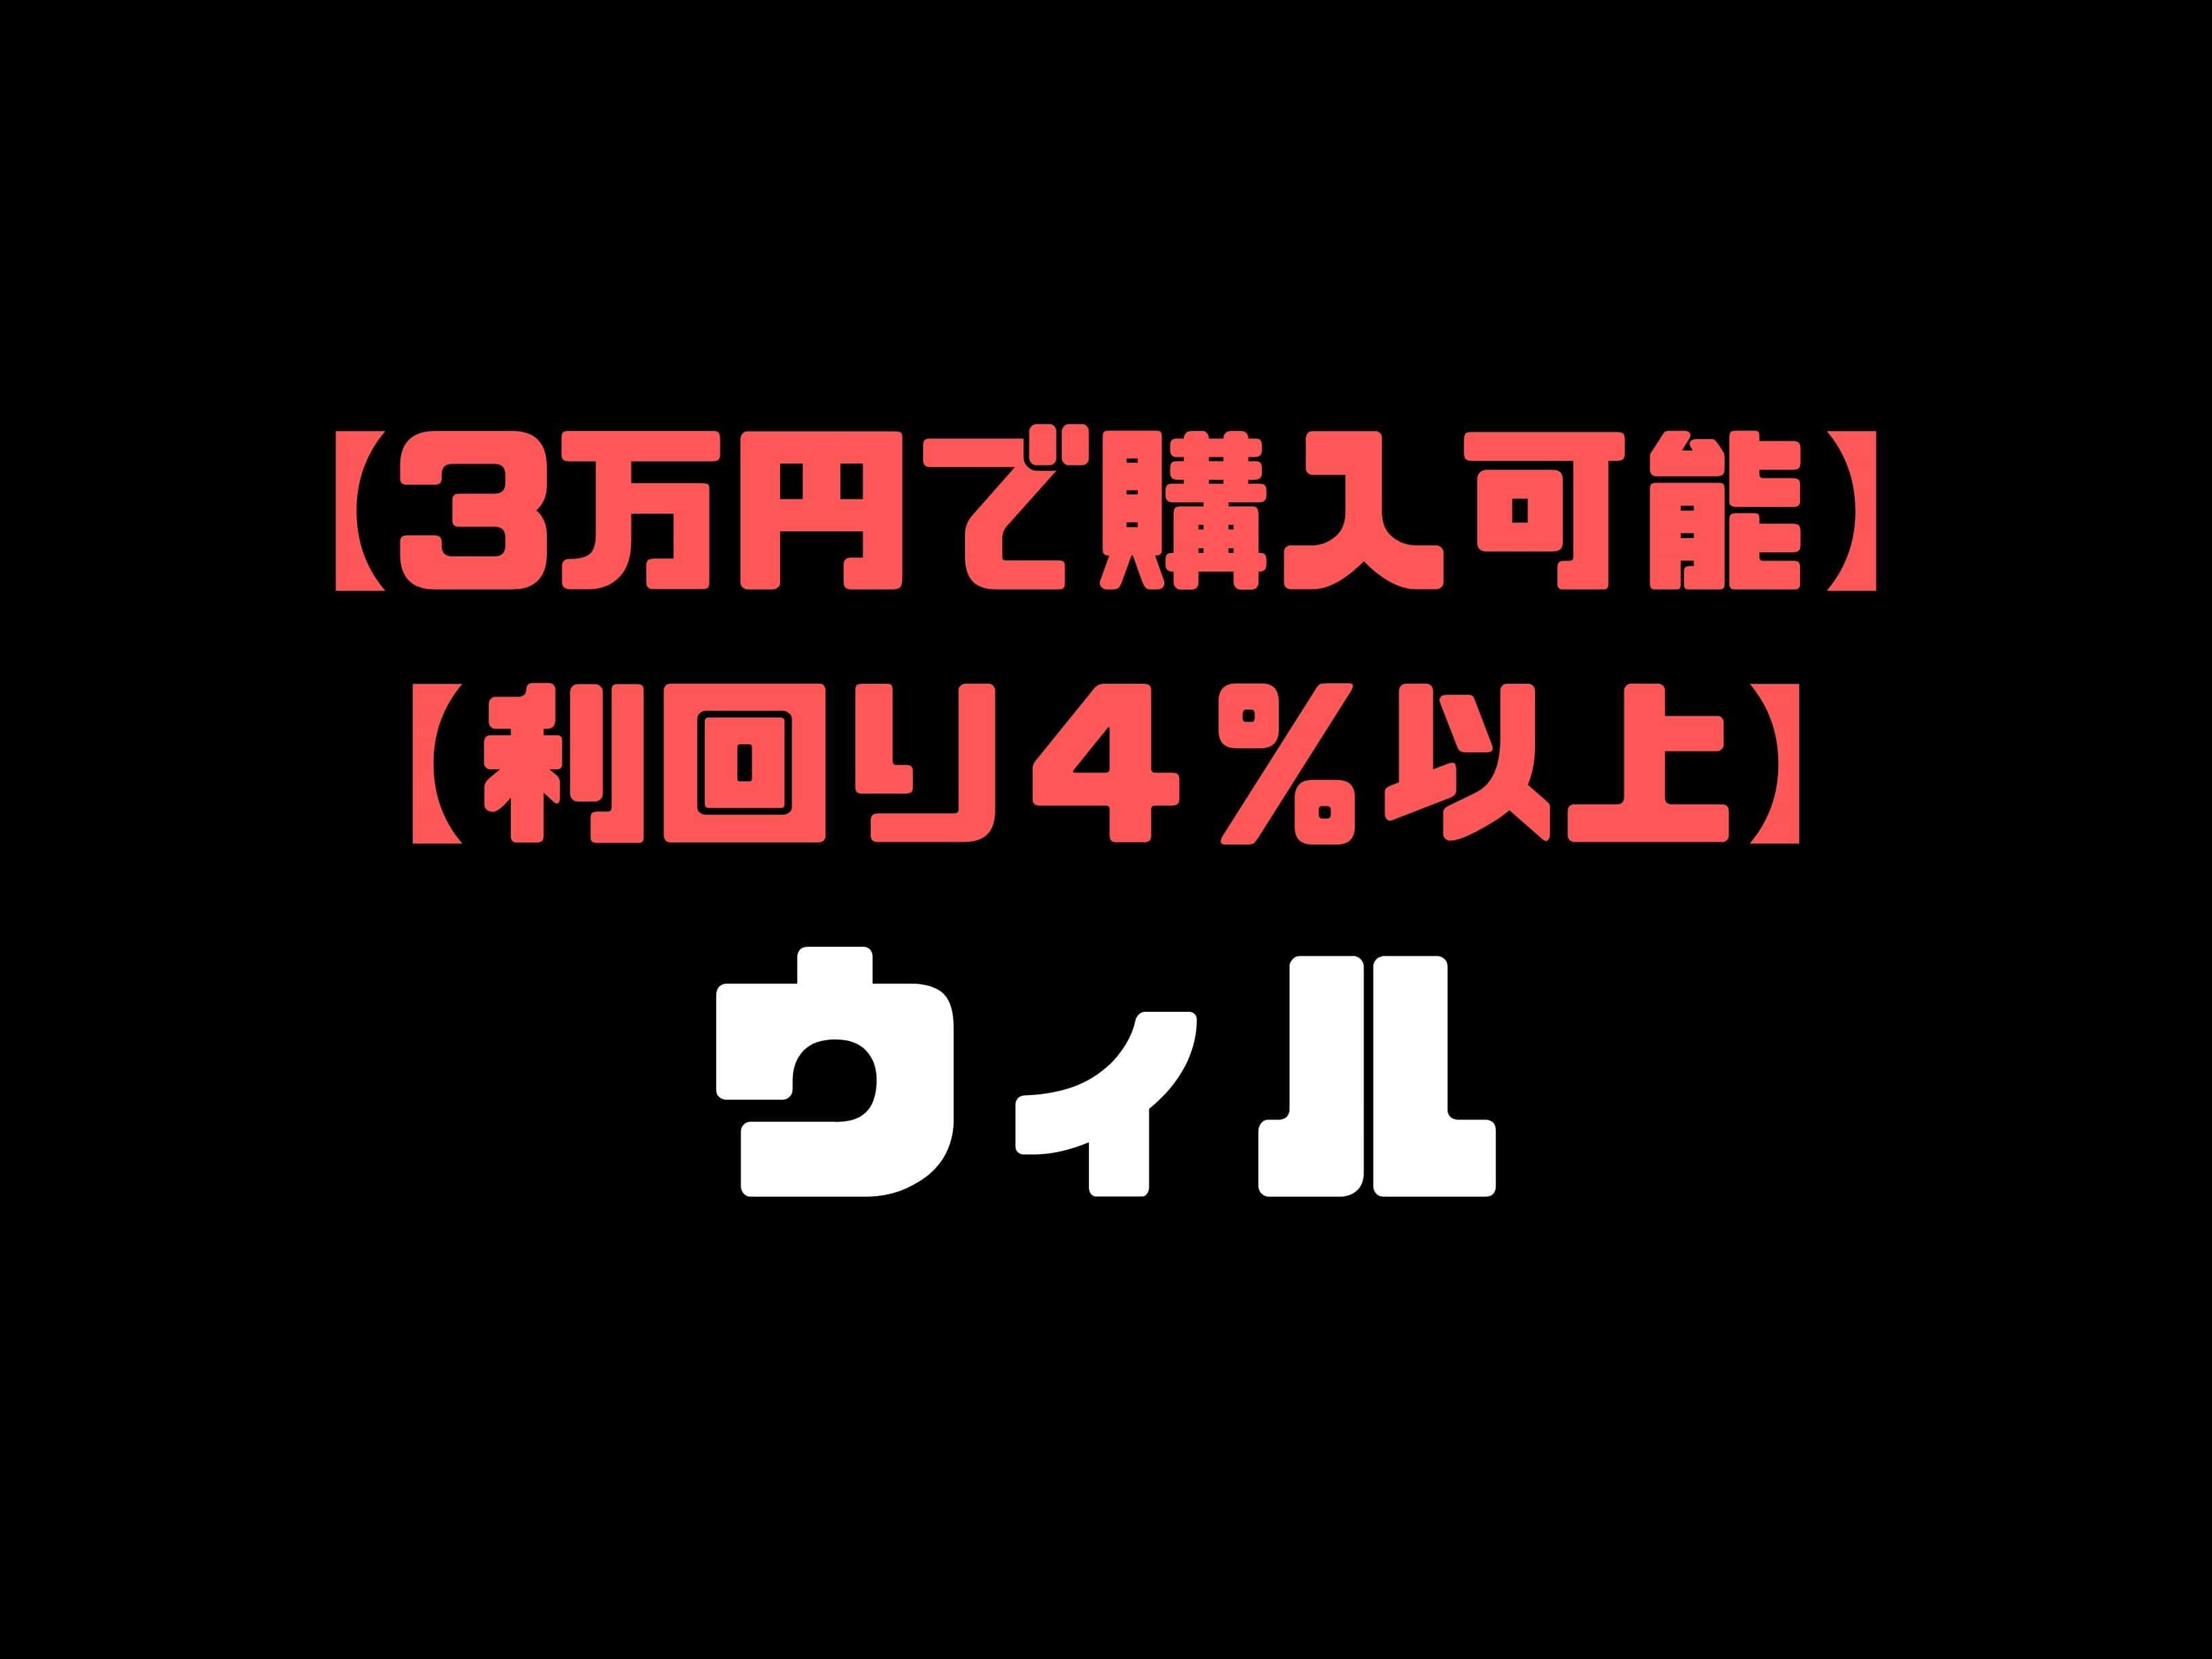 3万円で購入可能、利回り4%の株式会社ウィル